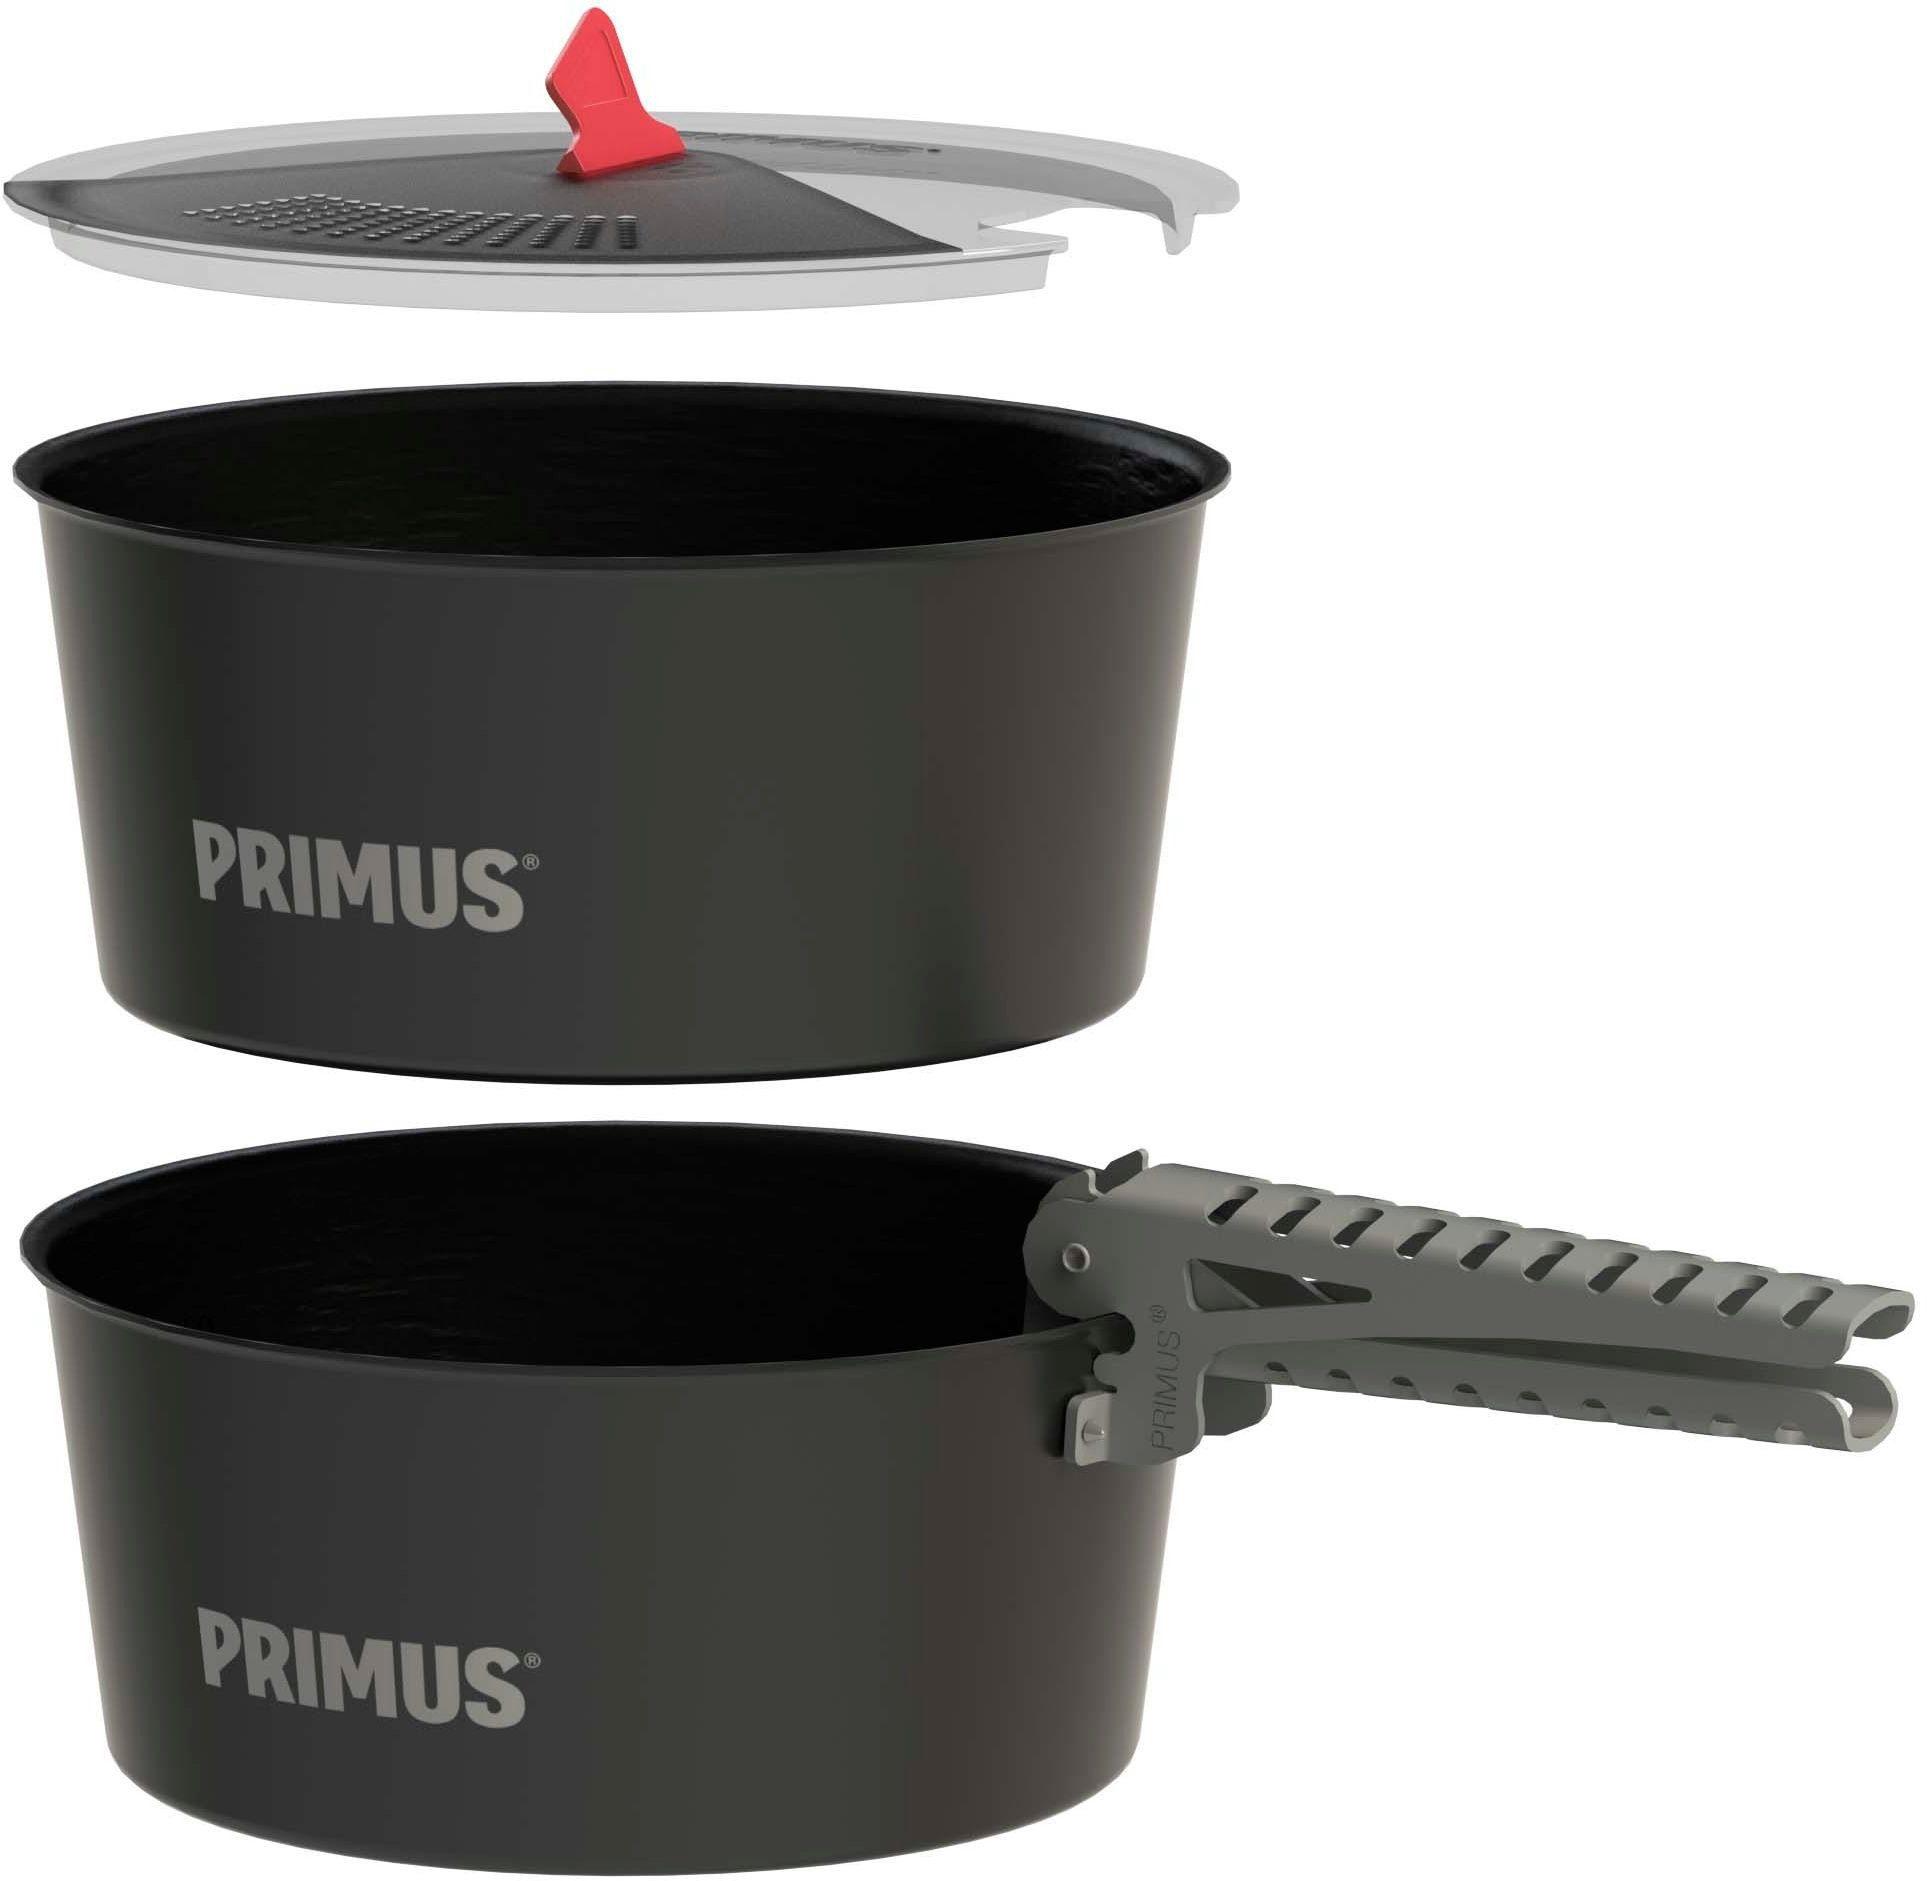 Primus Camping-Geschirr »LITech Pot Set 1300ml«